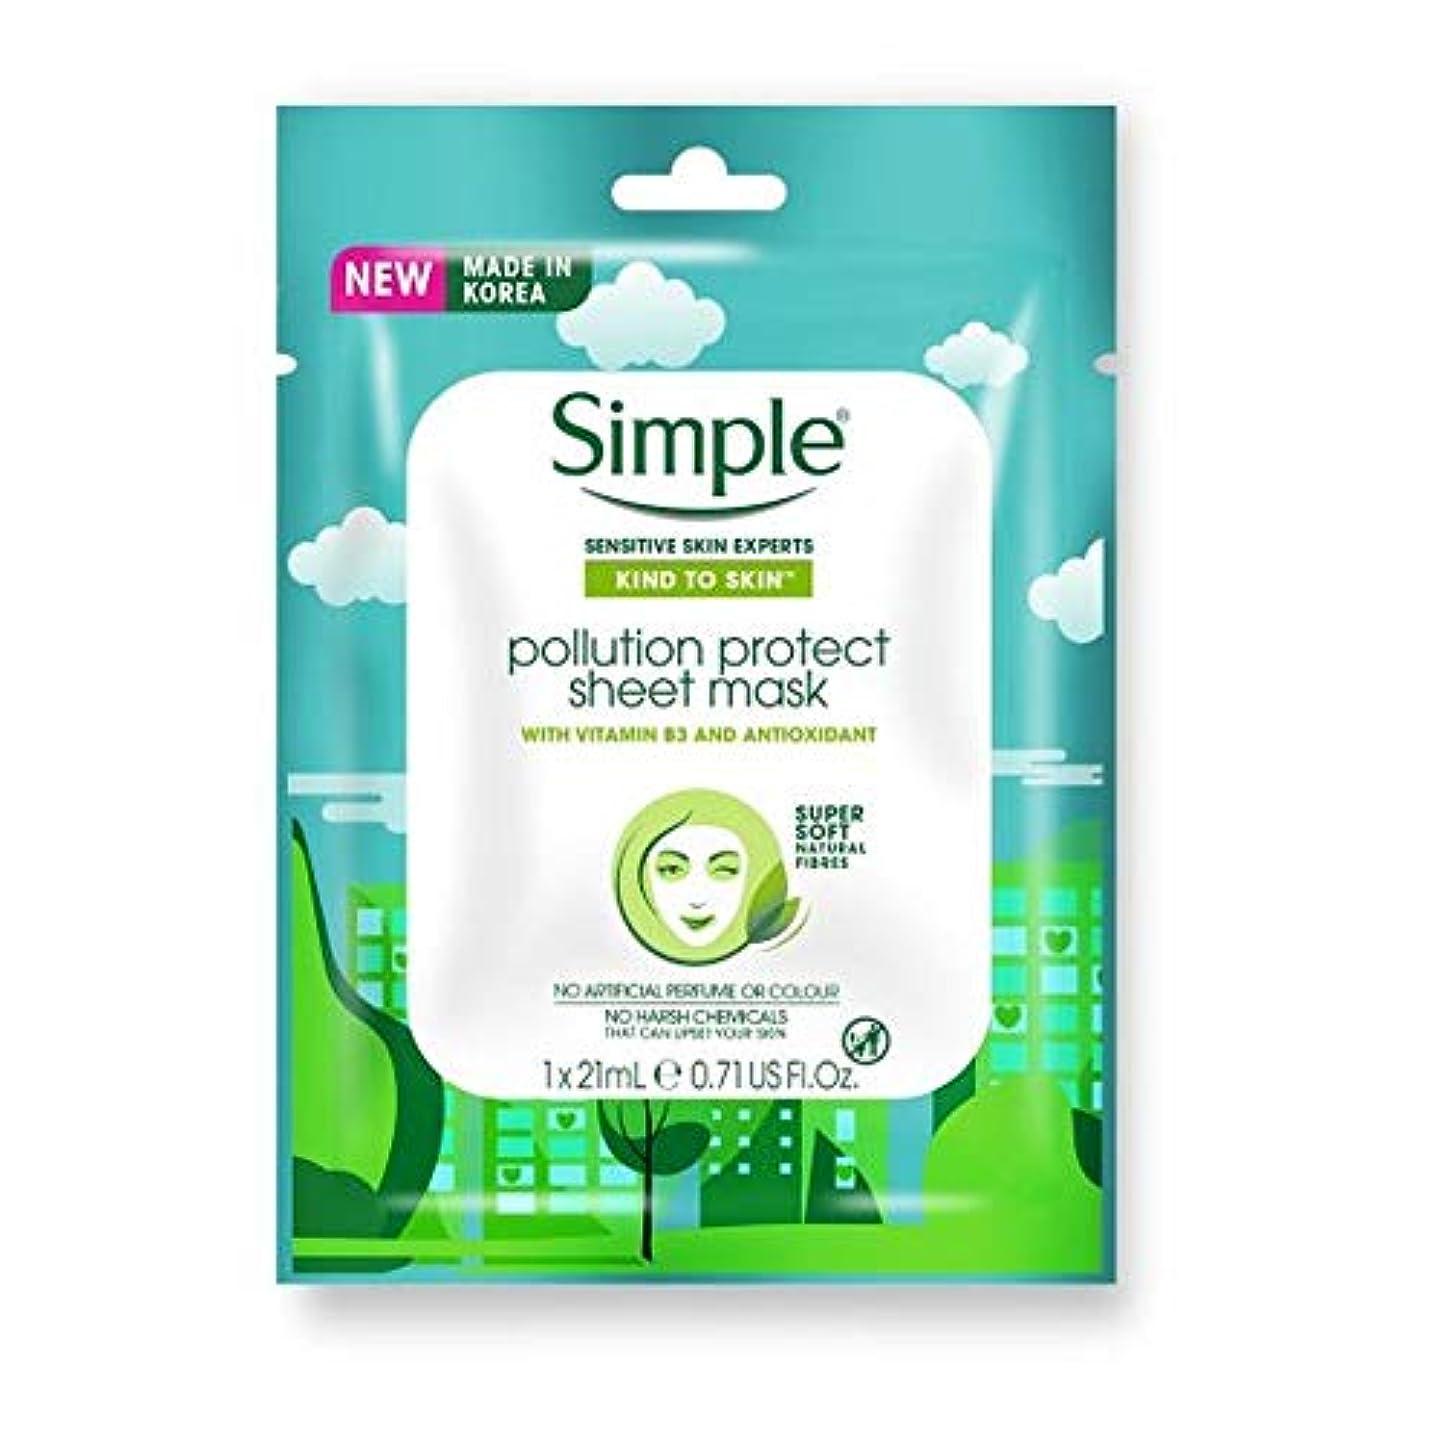 虐待担当者伴う[Simple] 皮膚汚染への単純な種類のシートマスク21ミリリットルを保護 - Simple Kind To Skin Pollution Protect Sheet Mask 21Ml [並行輸入品]